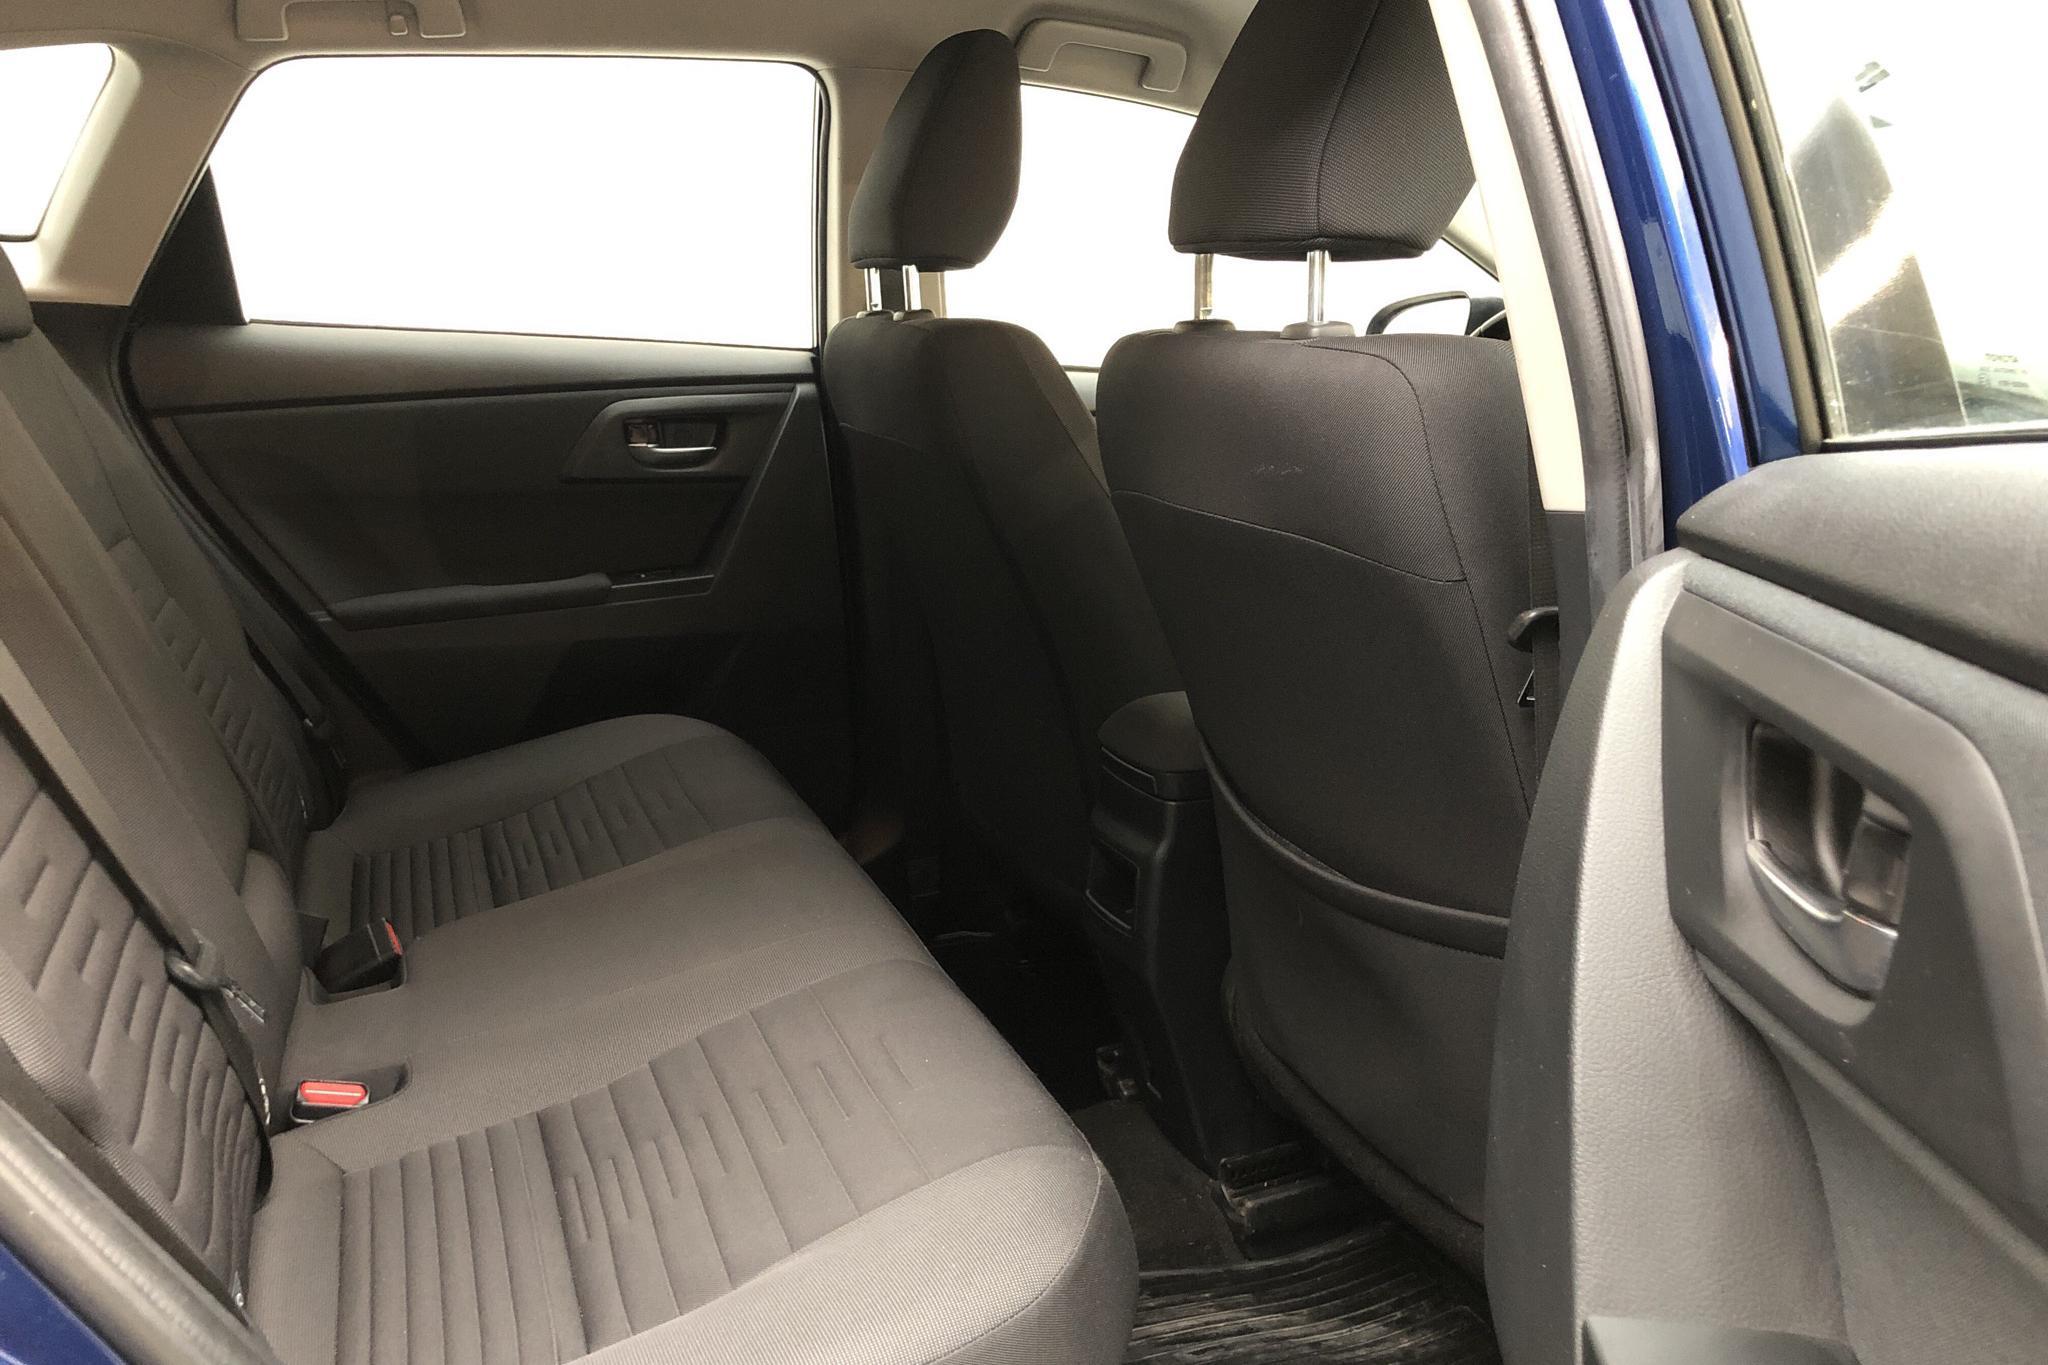 Toyota Auris 1.8 HSD 5dr (99hk) - 9 476 mil - Automat - Dark Blue - 2017